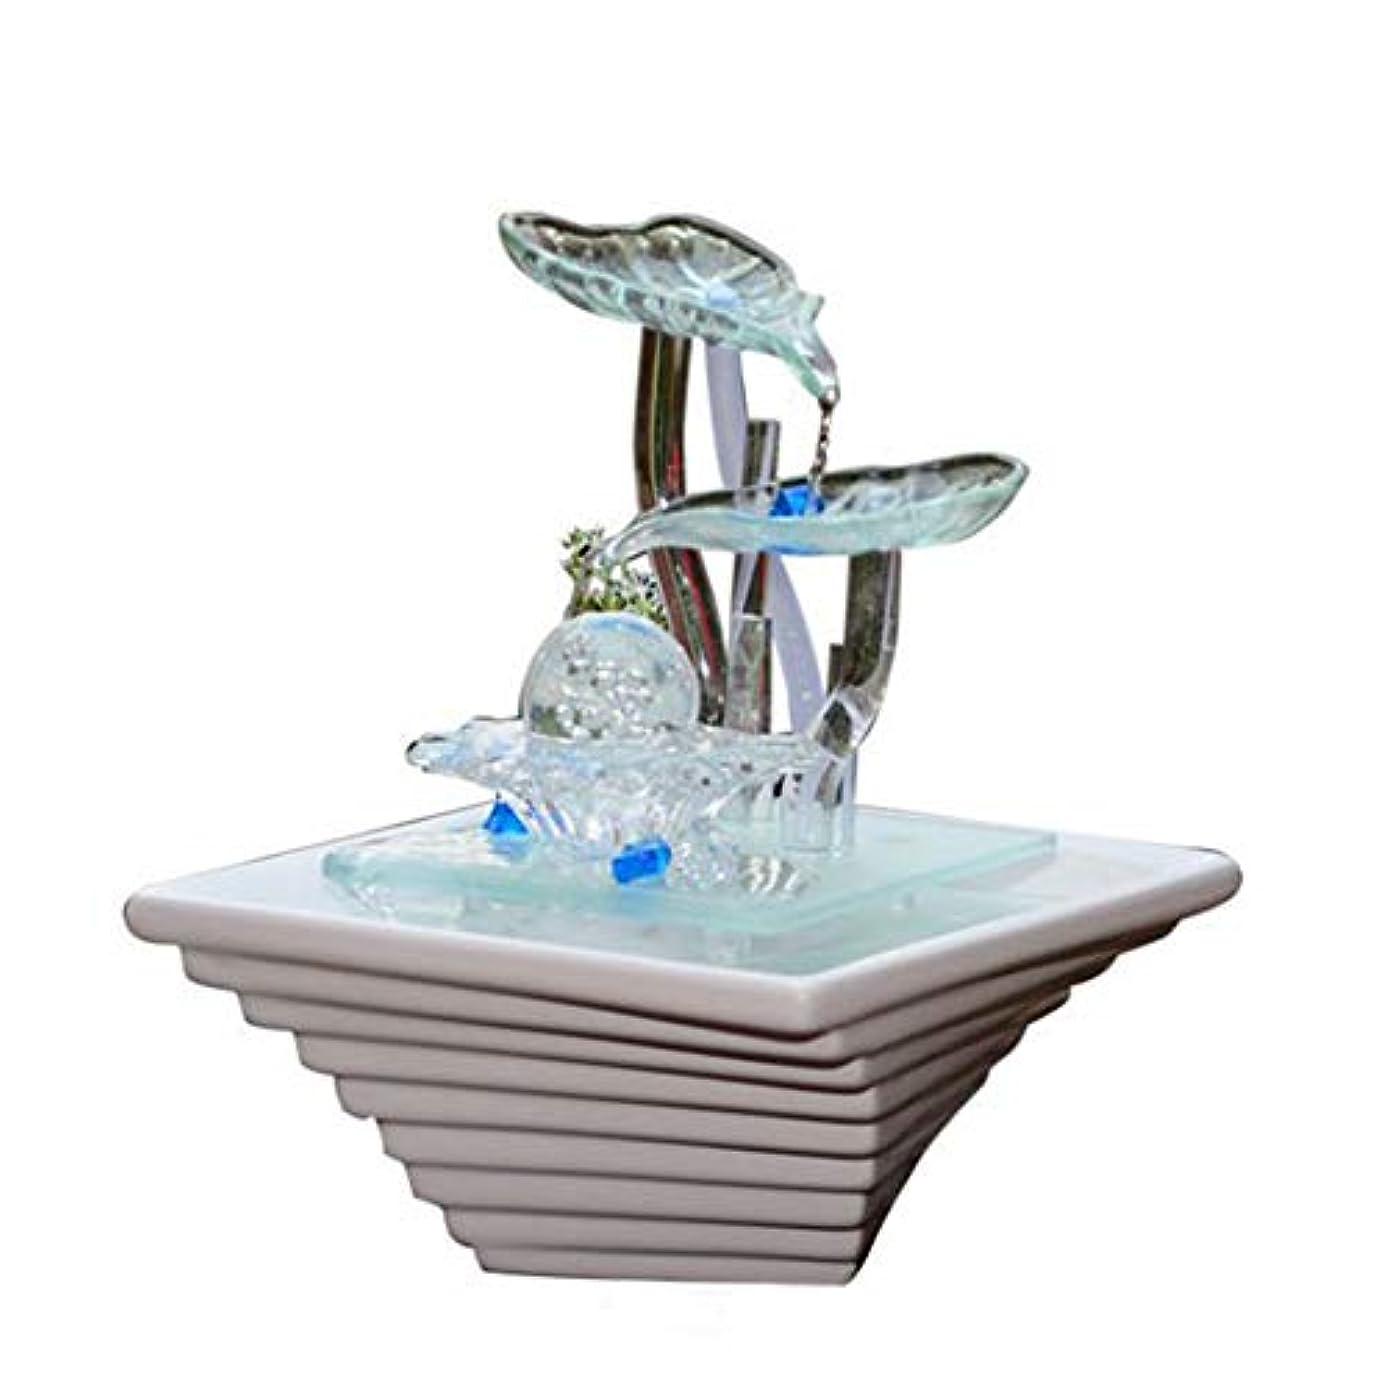 レーザ予測子フリッパー加湿器ホームデスクトップの装飾セラミックガラス工芸品の装飾品噴水装飾品バレンタインデー結婚式の誕生日パーフェクトギフト